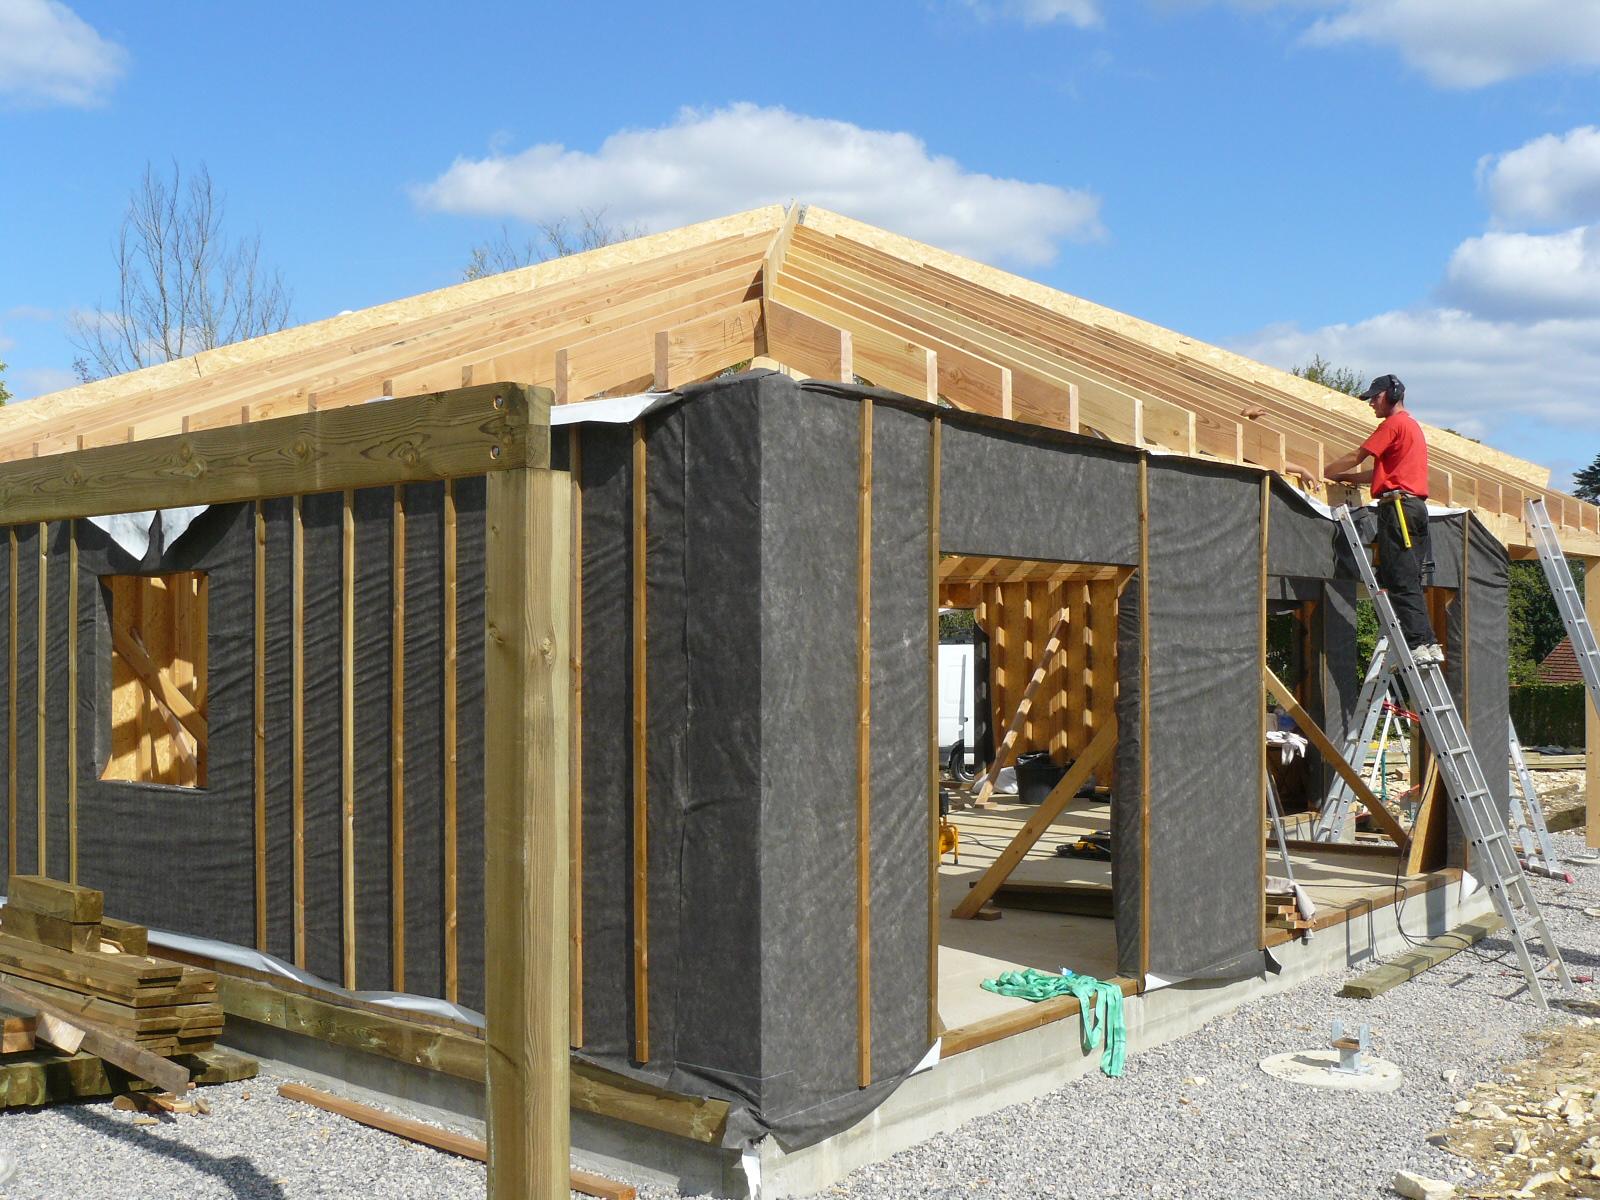 Fazele constructive ale unei case din lemn la cheie NATURAL LIVING - Poza 45